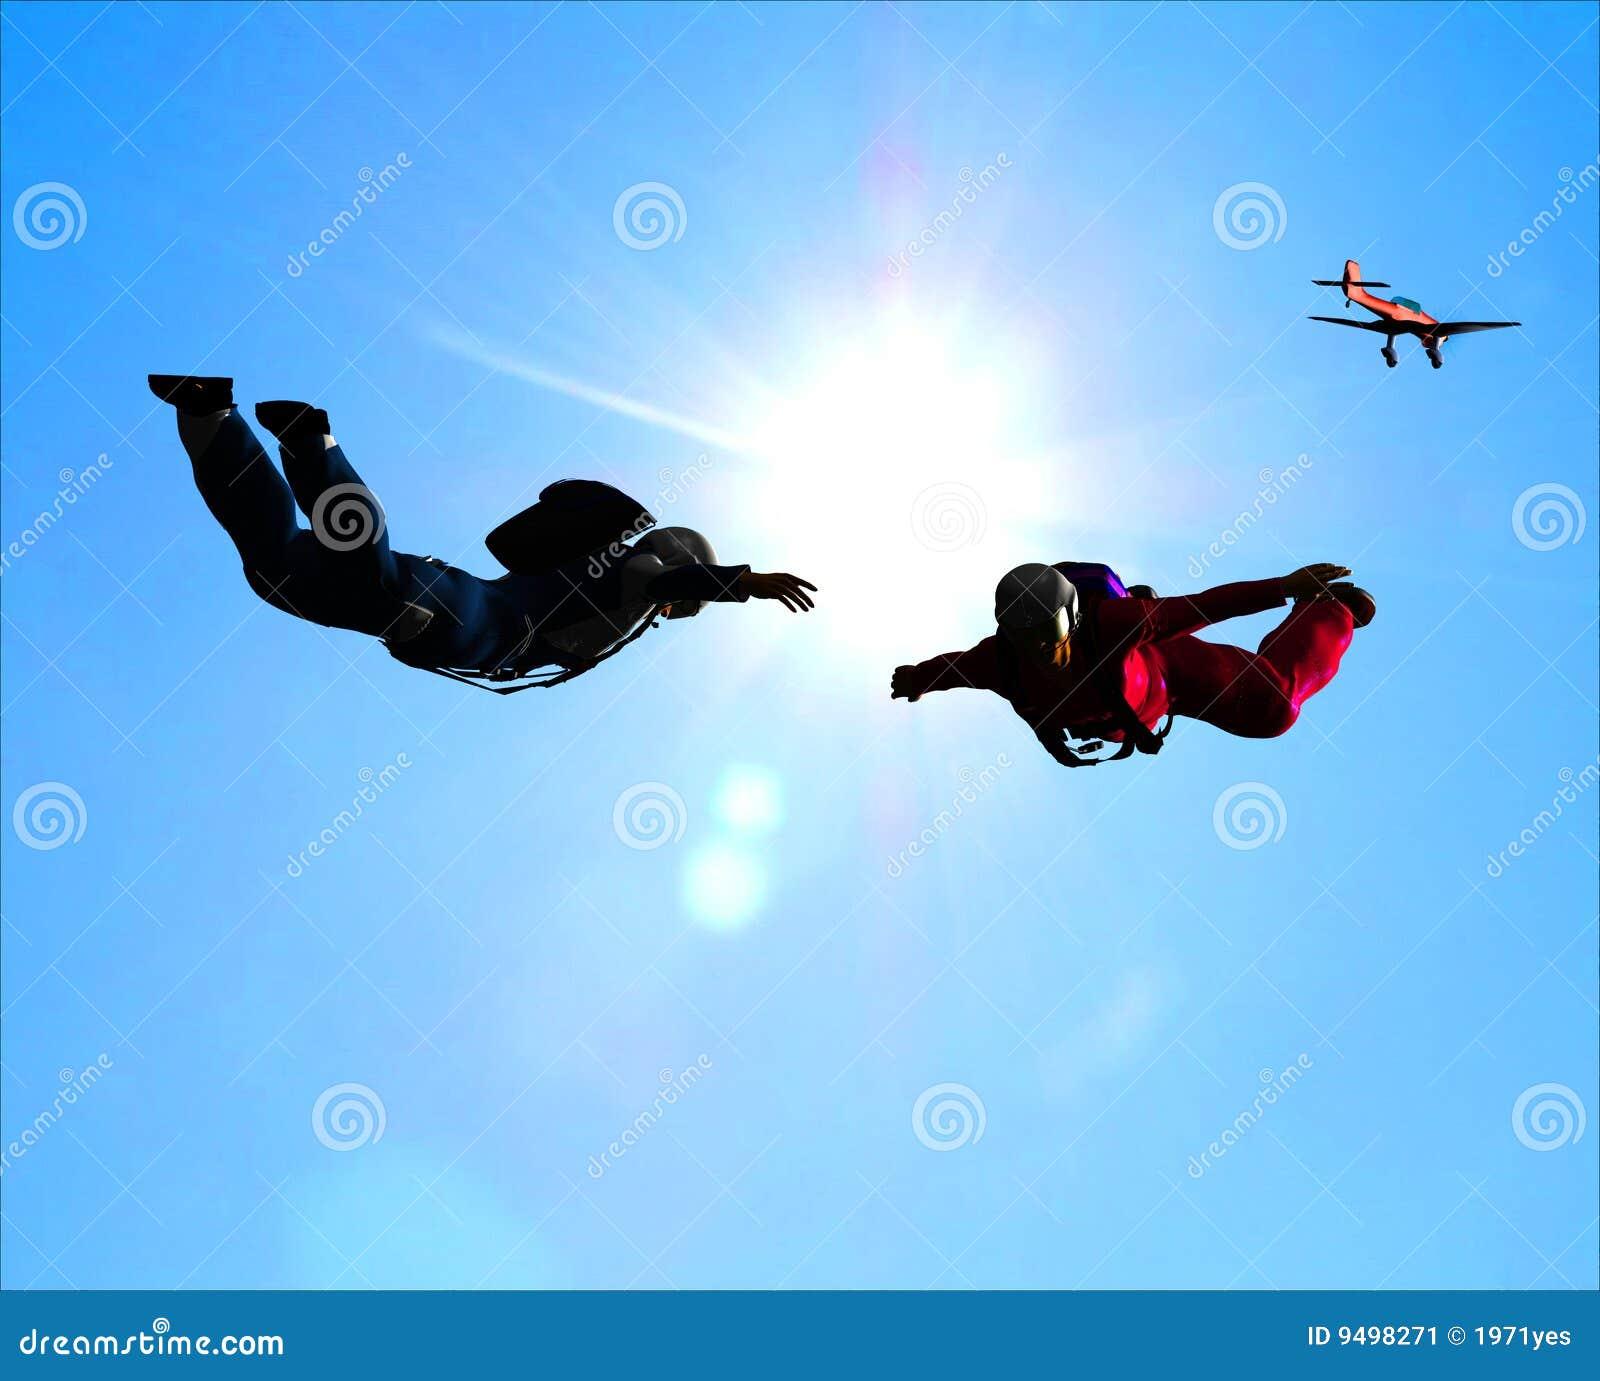 Sportsmen-parashutist